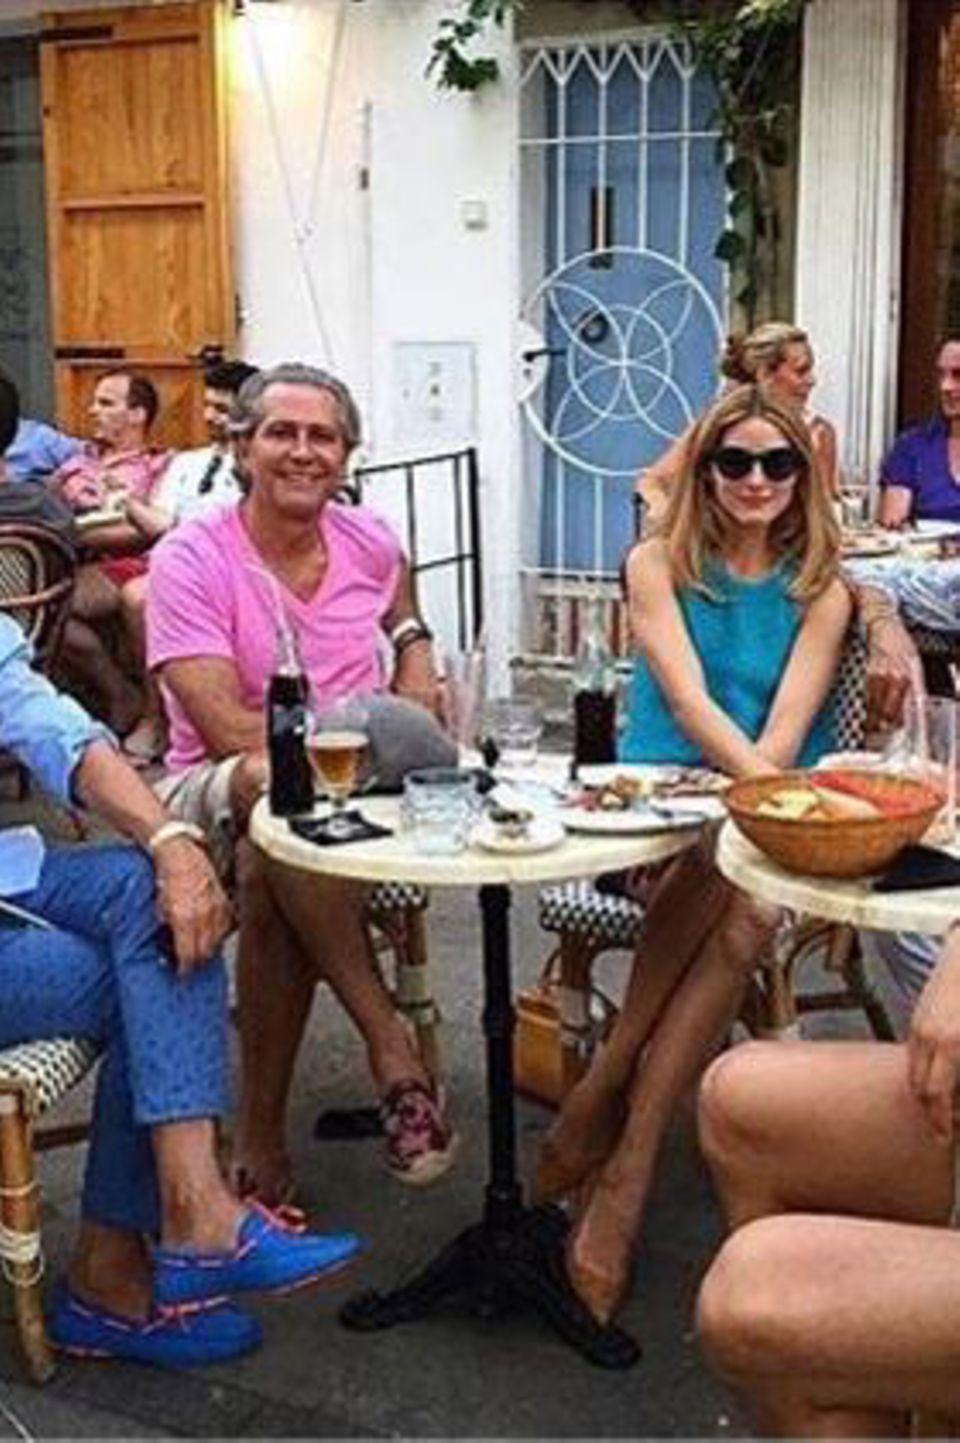 Johannes Huebl (ganz links) und Olivia Palermo lunchen mit Giancarlo Giametti (2. v. links) und Valentino (ganz rechts) sowie weiteren Freunden.